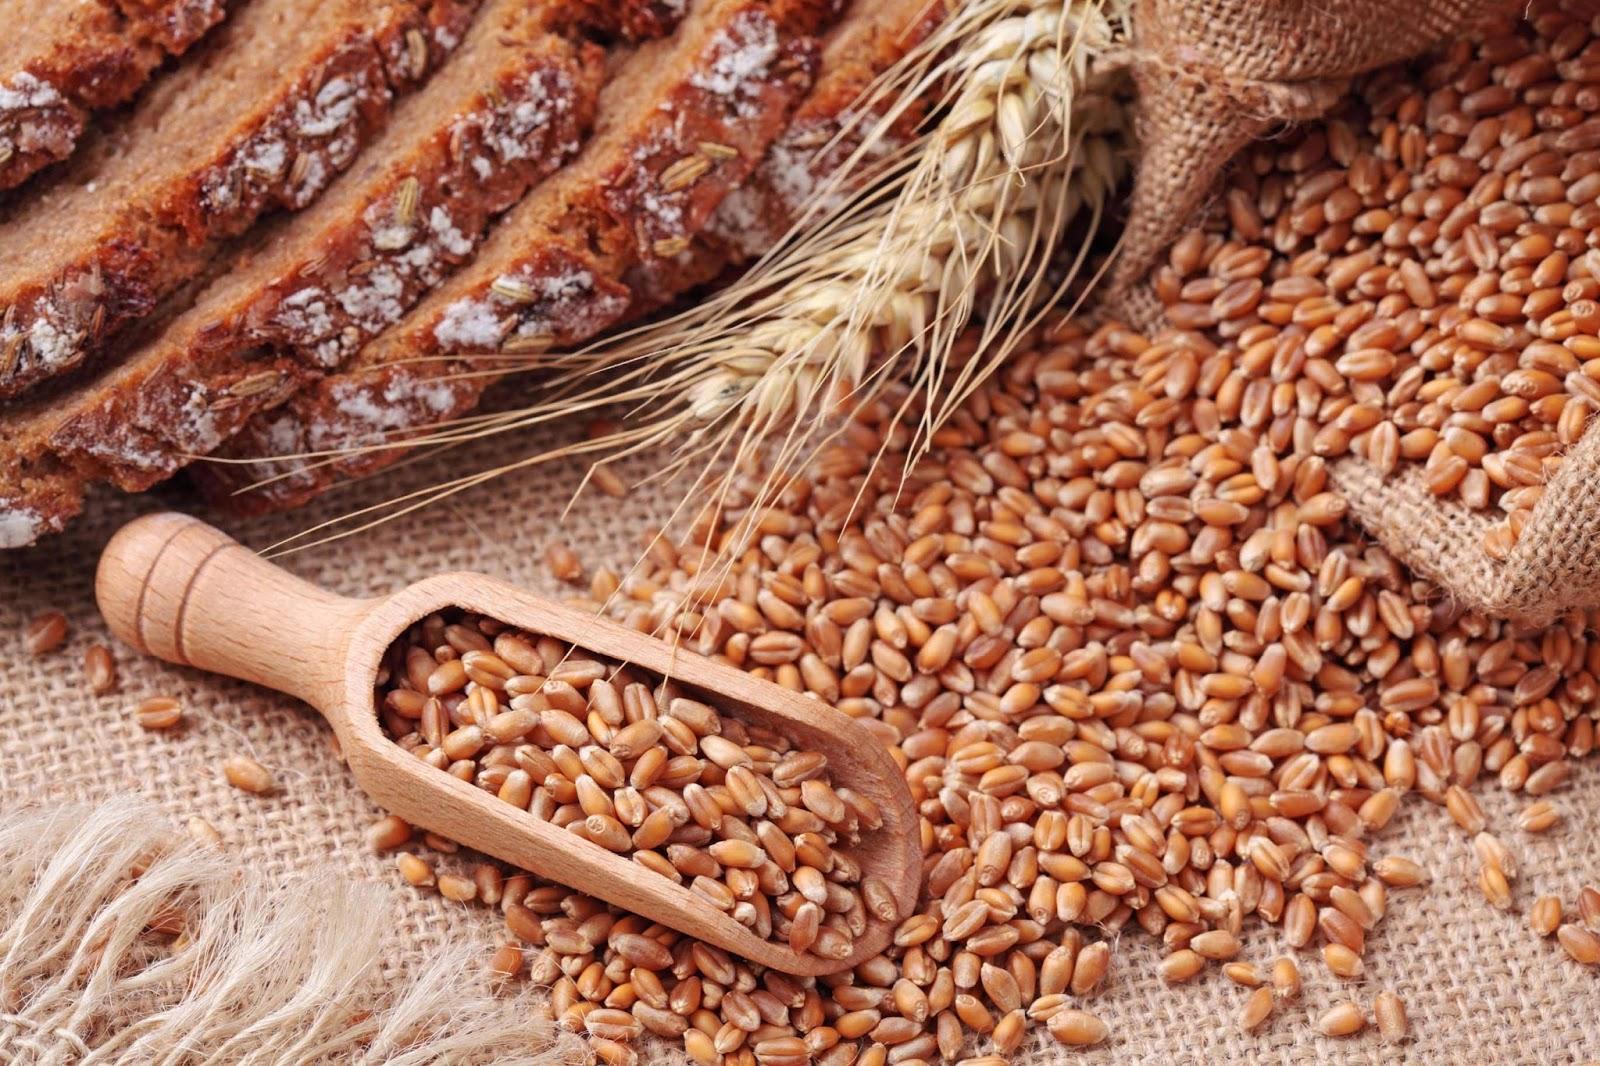 الحبوب أصل التغذية عند الإنسان والاقتصار على القمح خطأ علمي